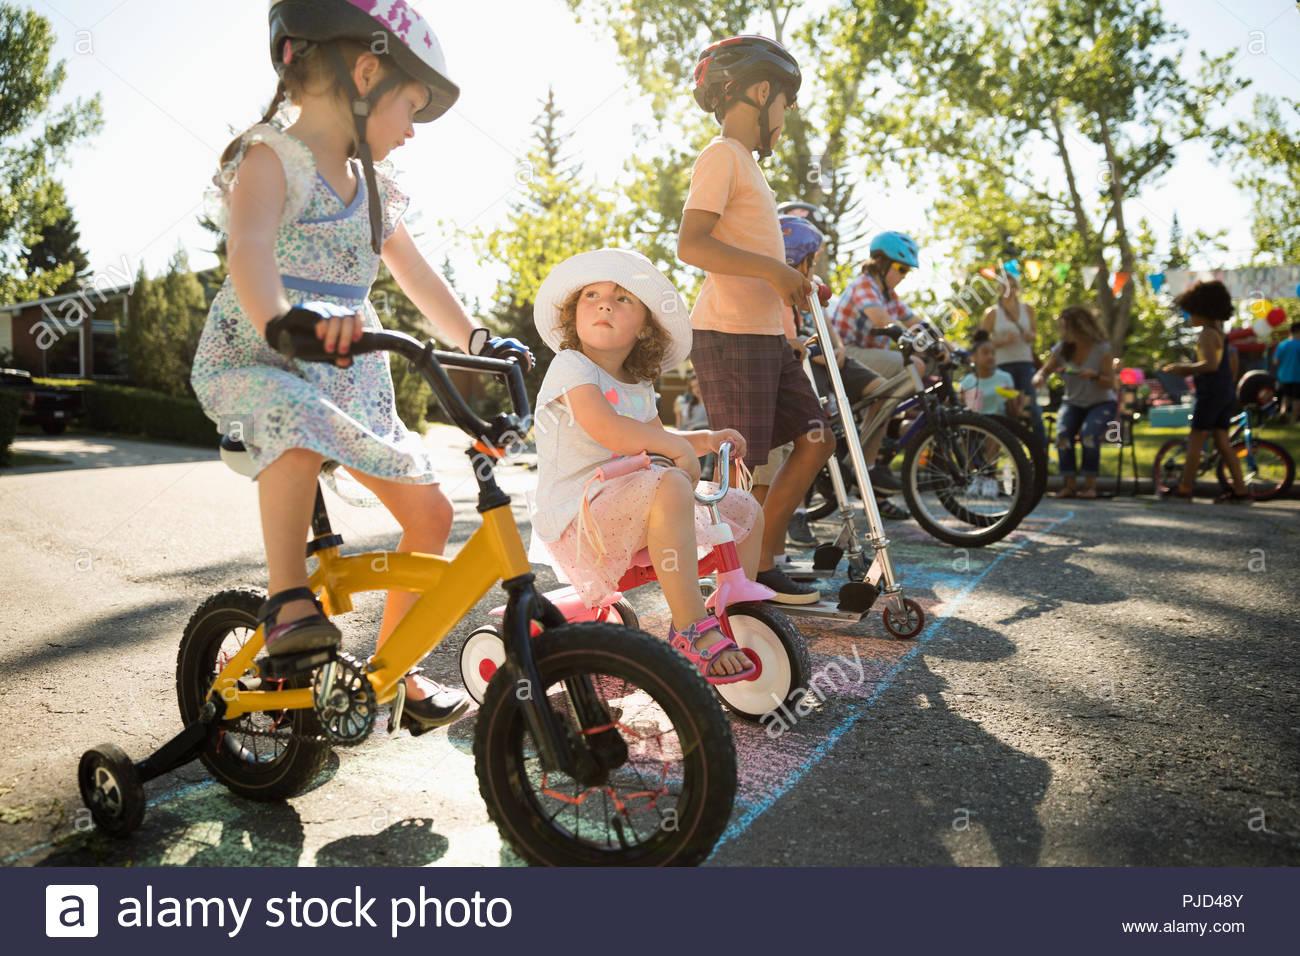 Sur les bicyclettes pour enfants prêt pour la course à la ligne de départ à l'été fête de quartier Photo Stock